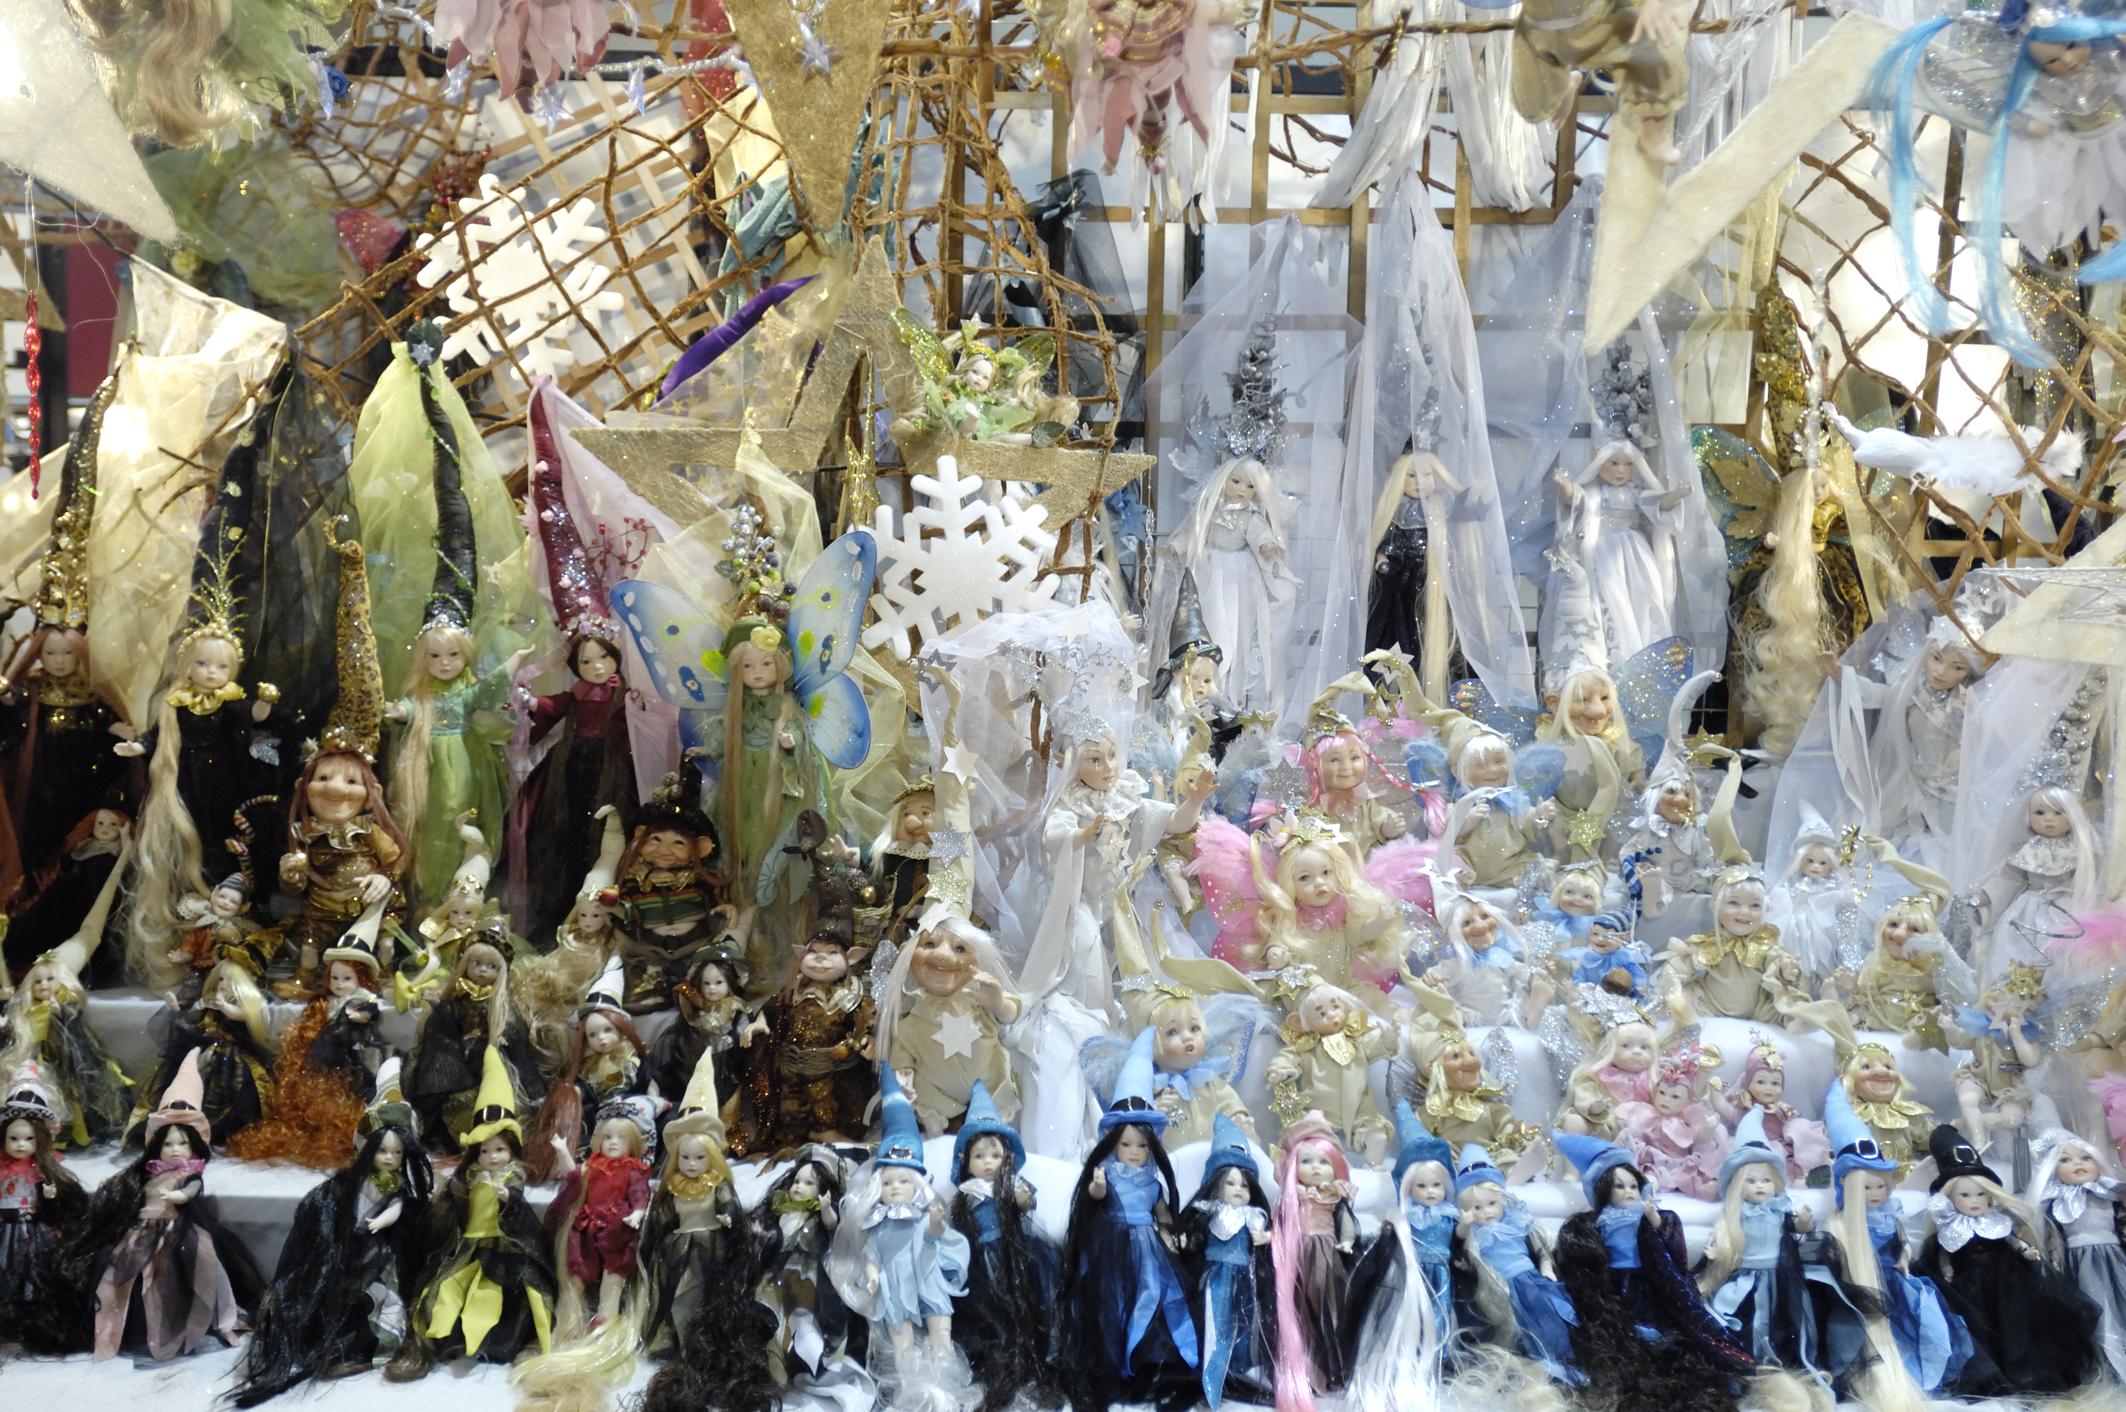 Prezzi biglietti e programma fiera dell artigianato milano for Rho fiera milano 2016